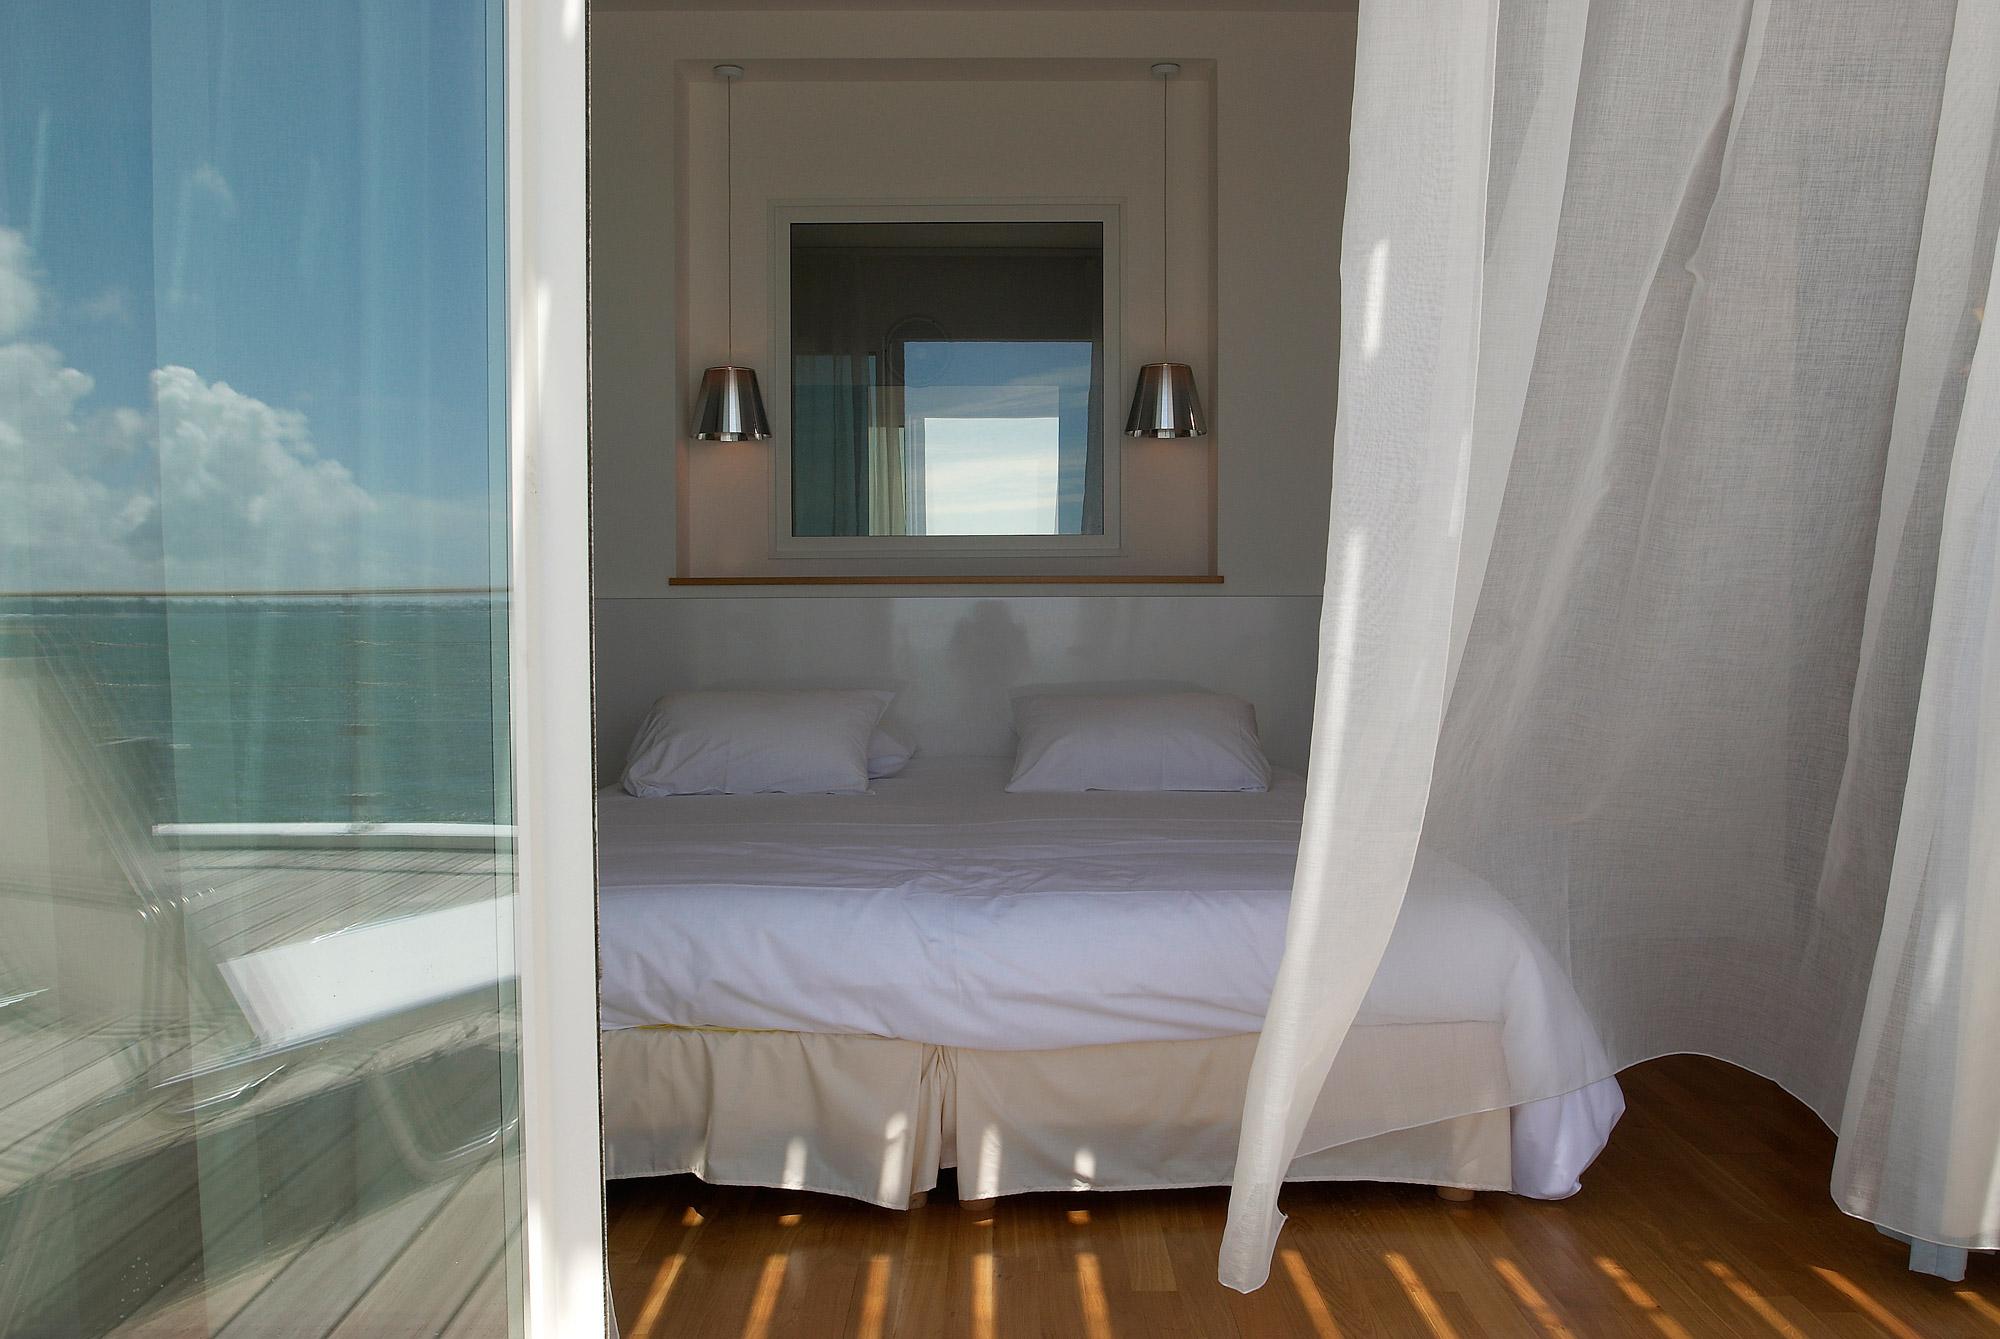 Chambre spacieuse avec le vent soufflant dans les voilages et le reflet de l'eau dans la baie vitrée